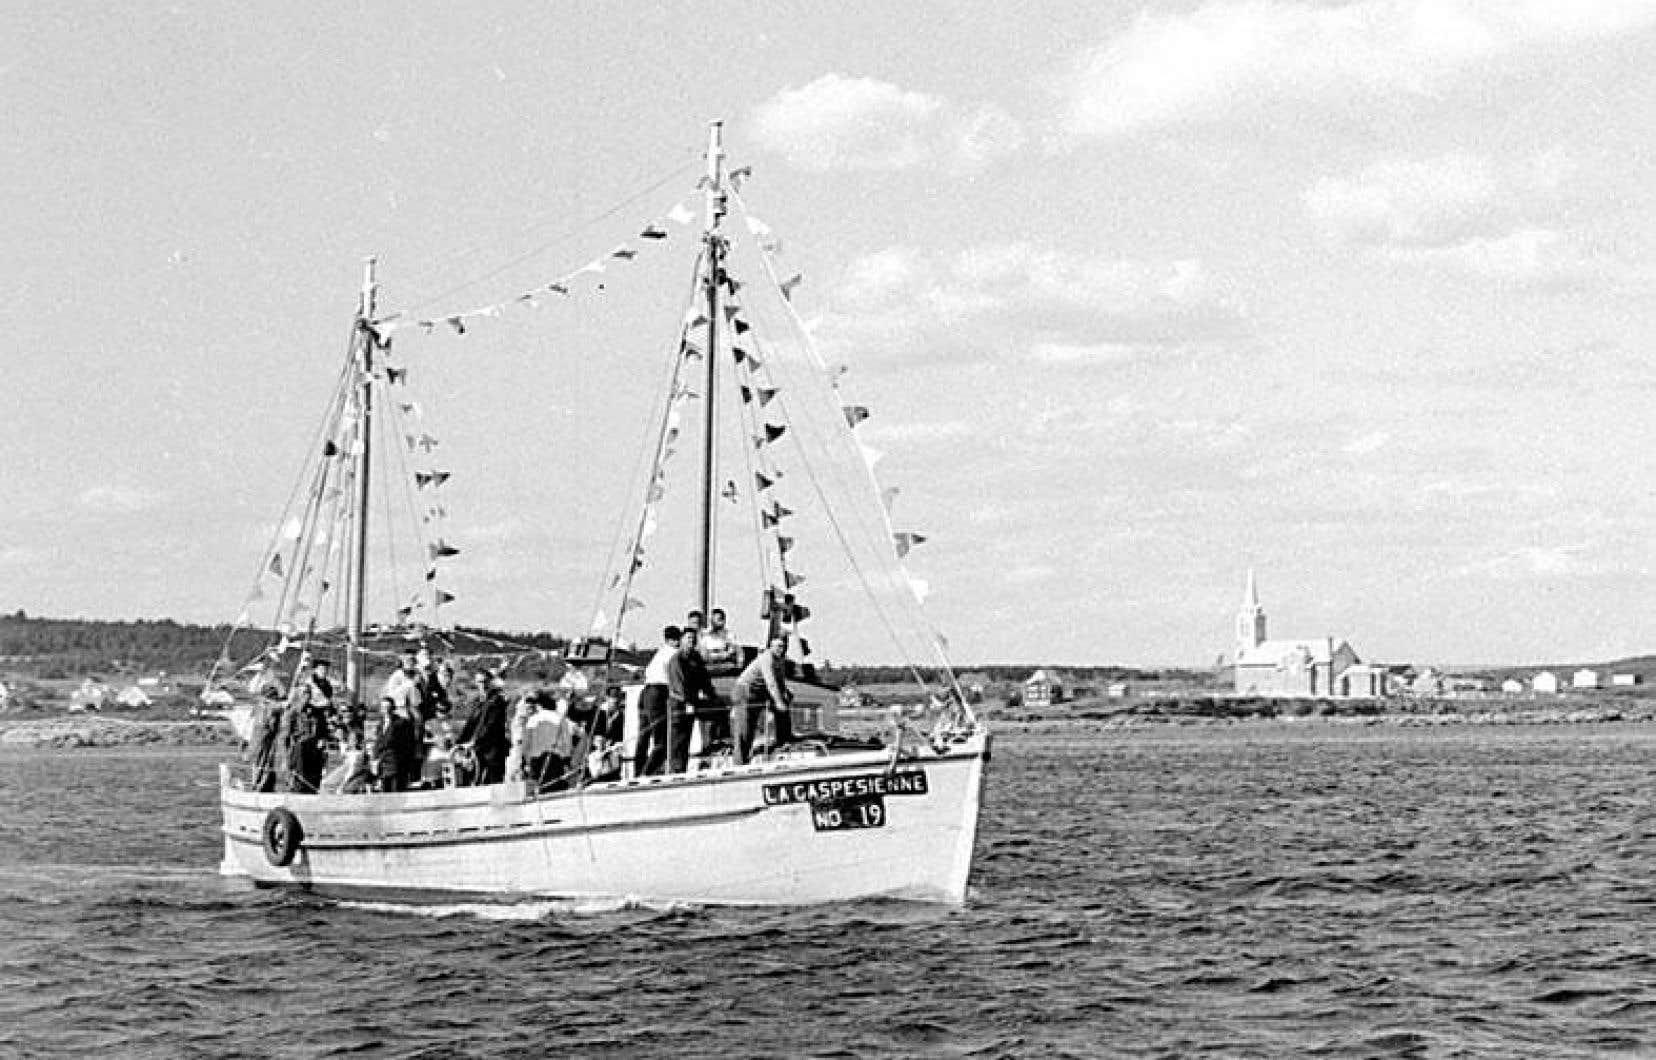 À partir du 17 juin, le Musée de la Gaspésie propose une plongée immersive au cœur de la région. Sur la photo, la Gaspésienne no.19, au large de Newport, en 1960.